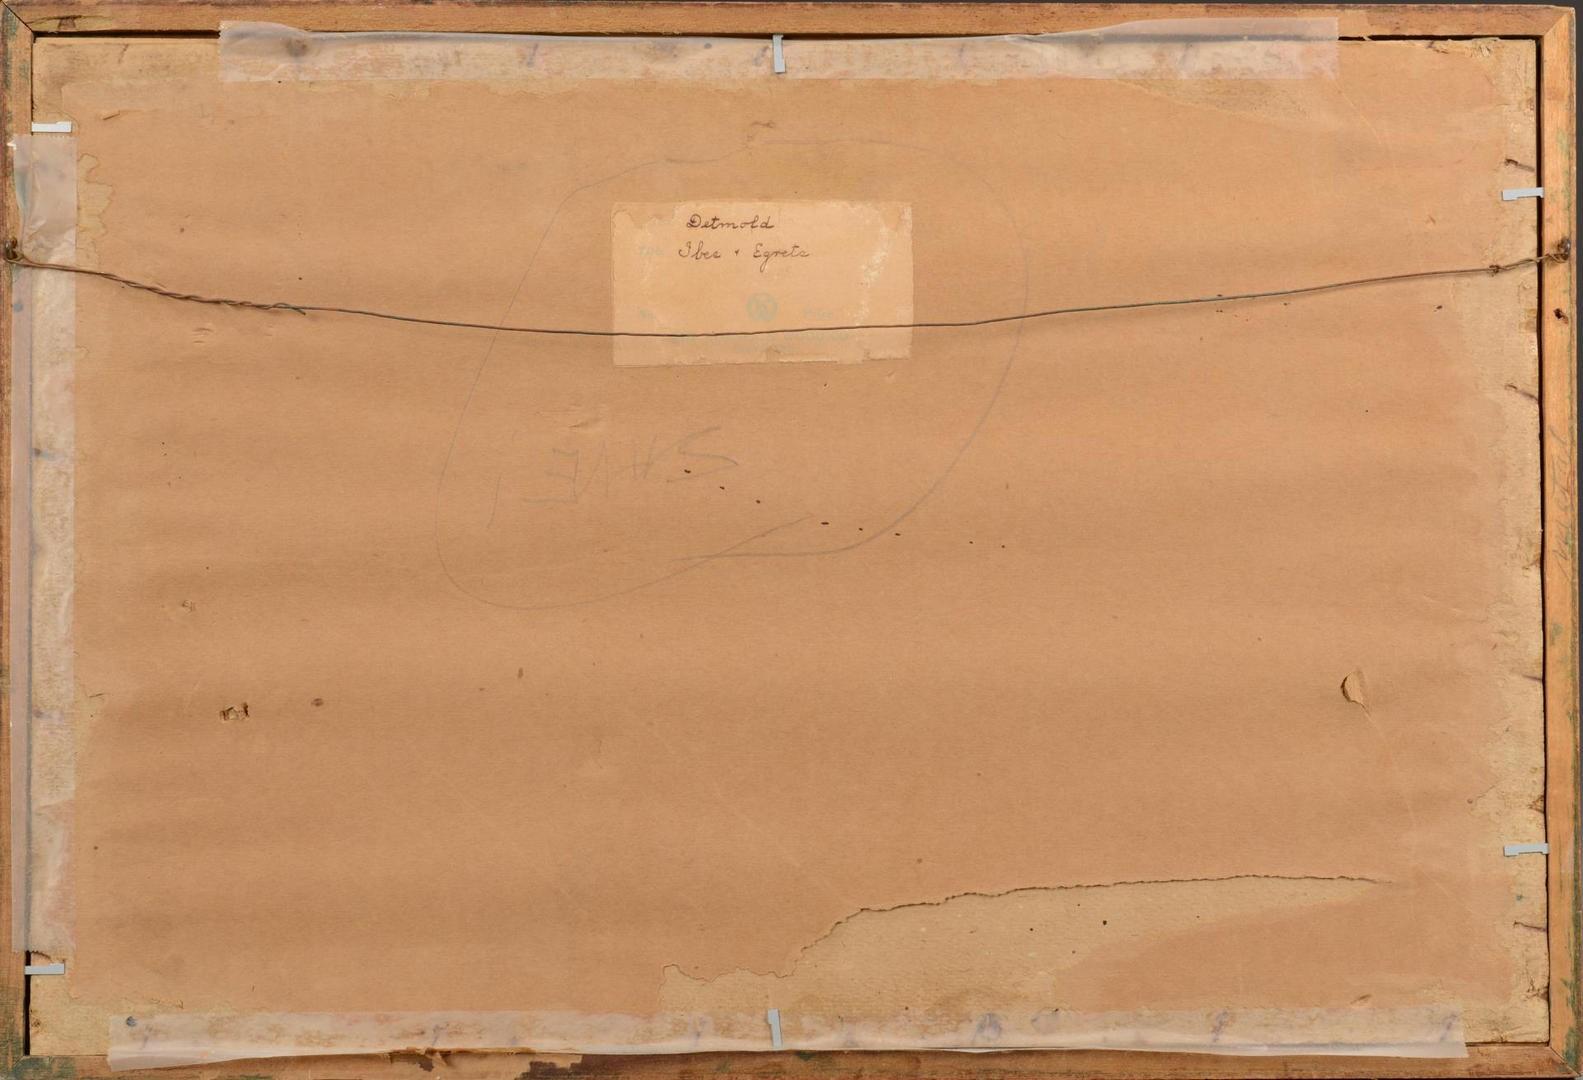 Lot 3594275: E.J. Detmold aquatint